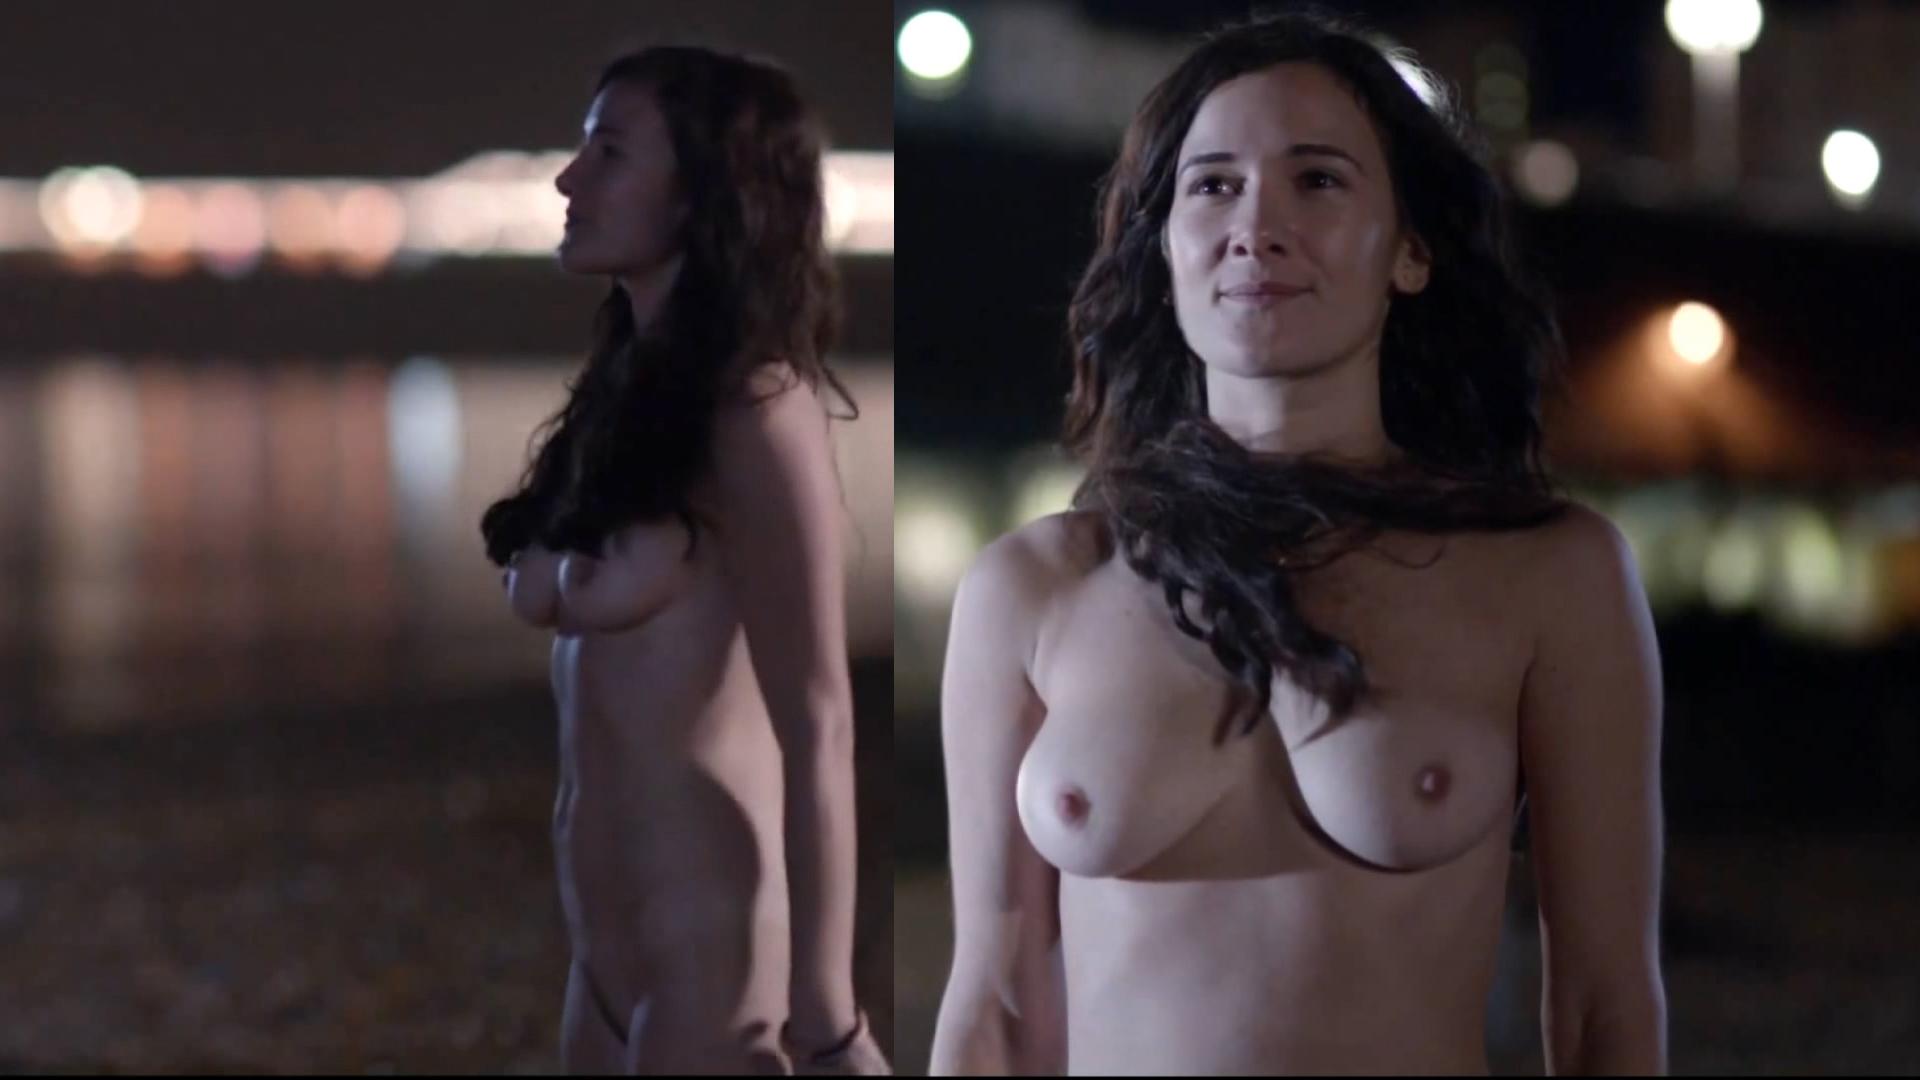 Sarah solemani nude pics